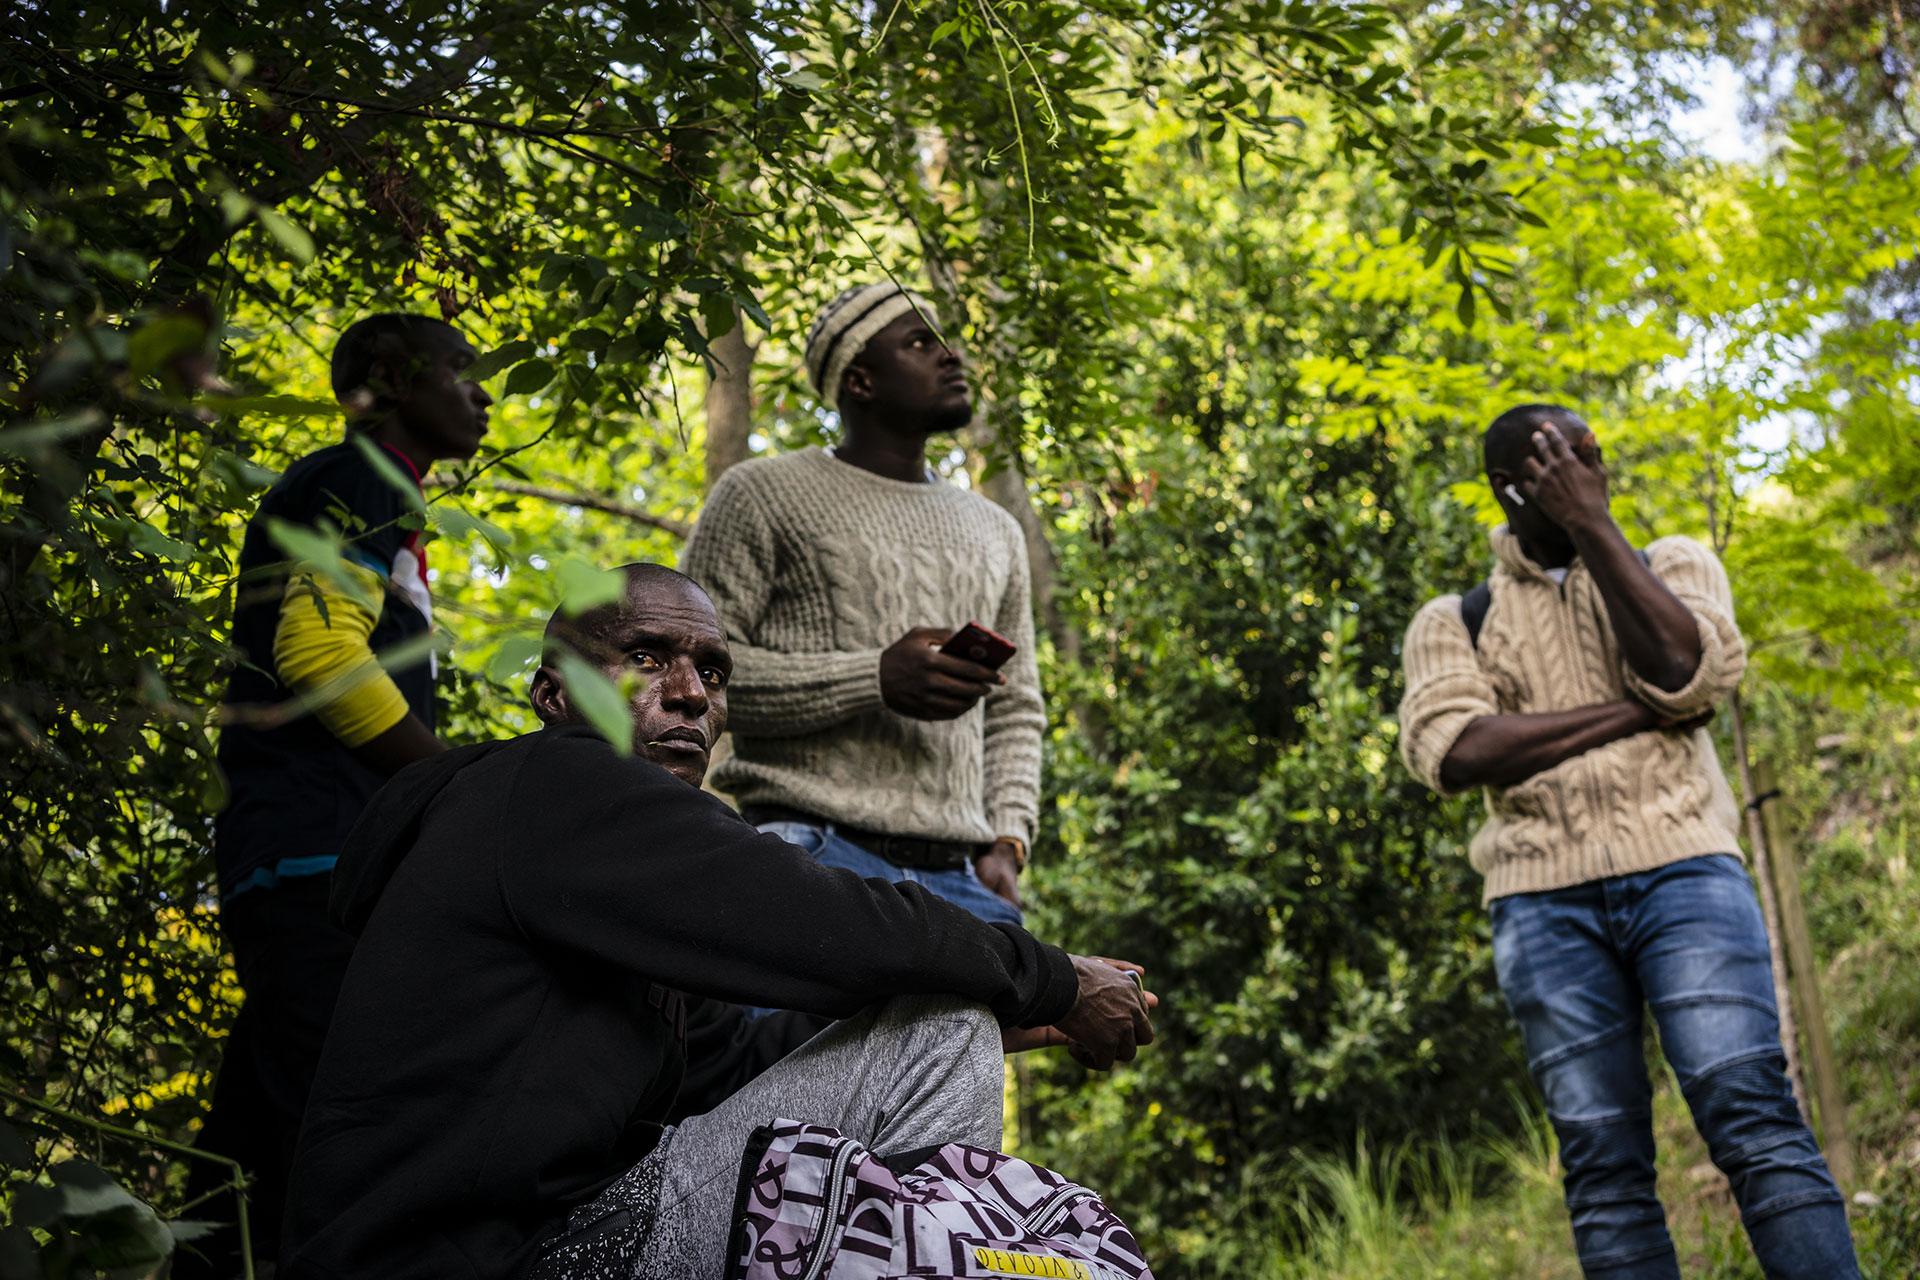 Un grupo de jóvenes esperan escondidos en un parque de Hendaya antes de intentar llegar a la ciudad de Bayona, 13 de Septiembre de 2019.